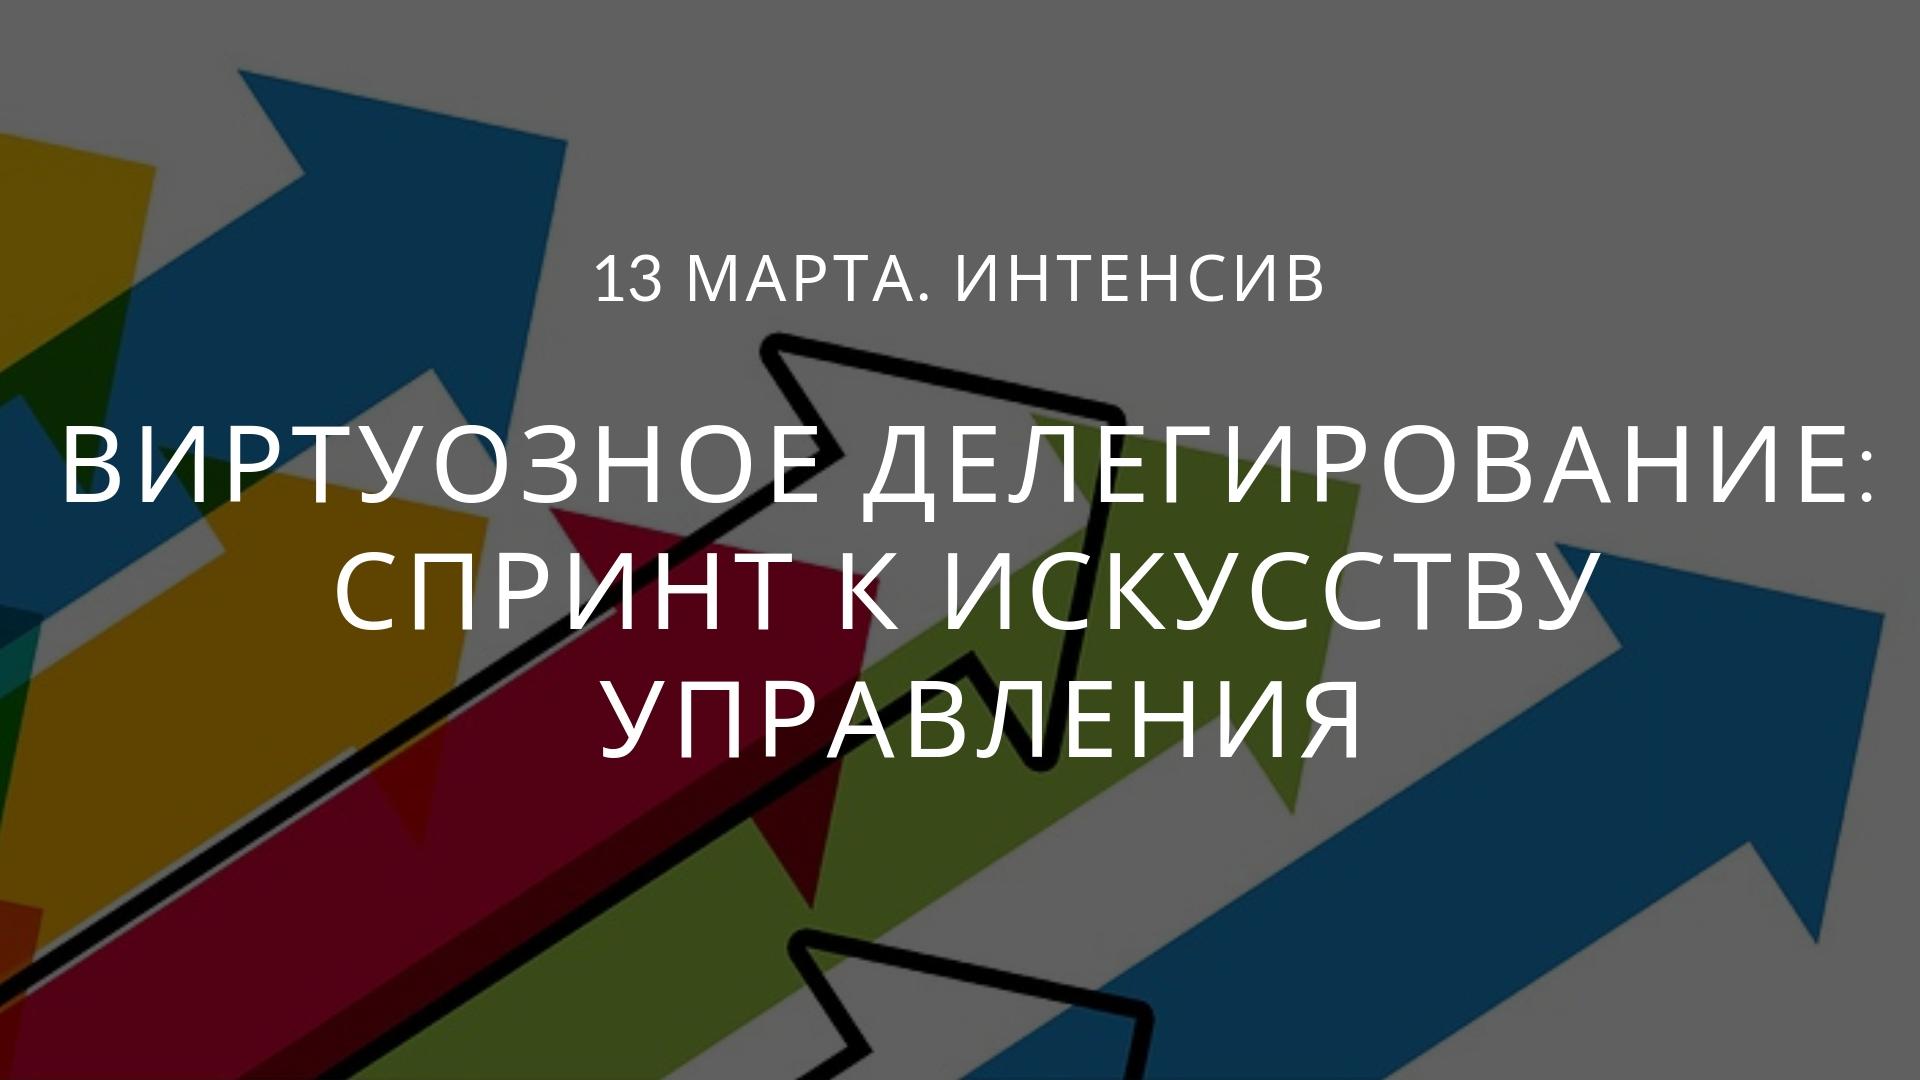 интенсив виртуозное делегирование_ спринт к искусству управления